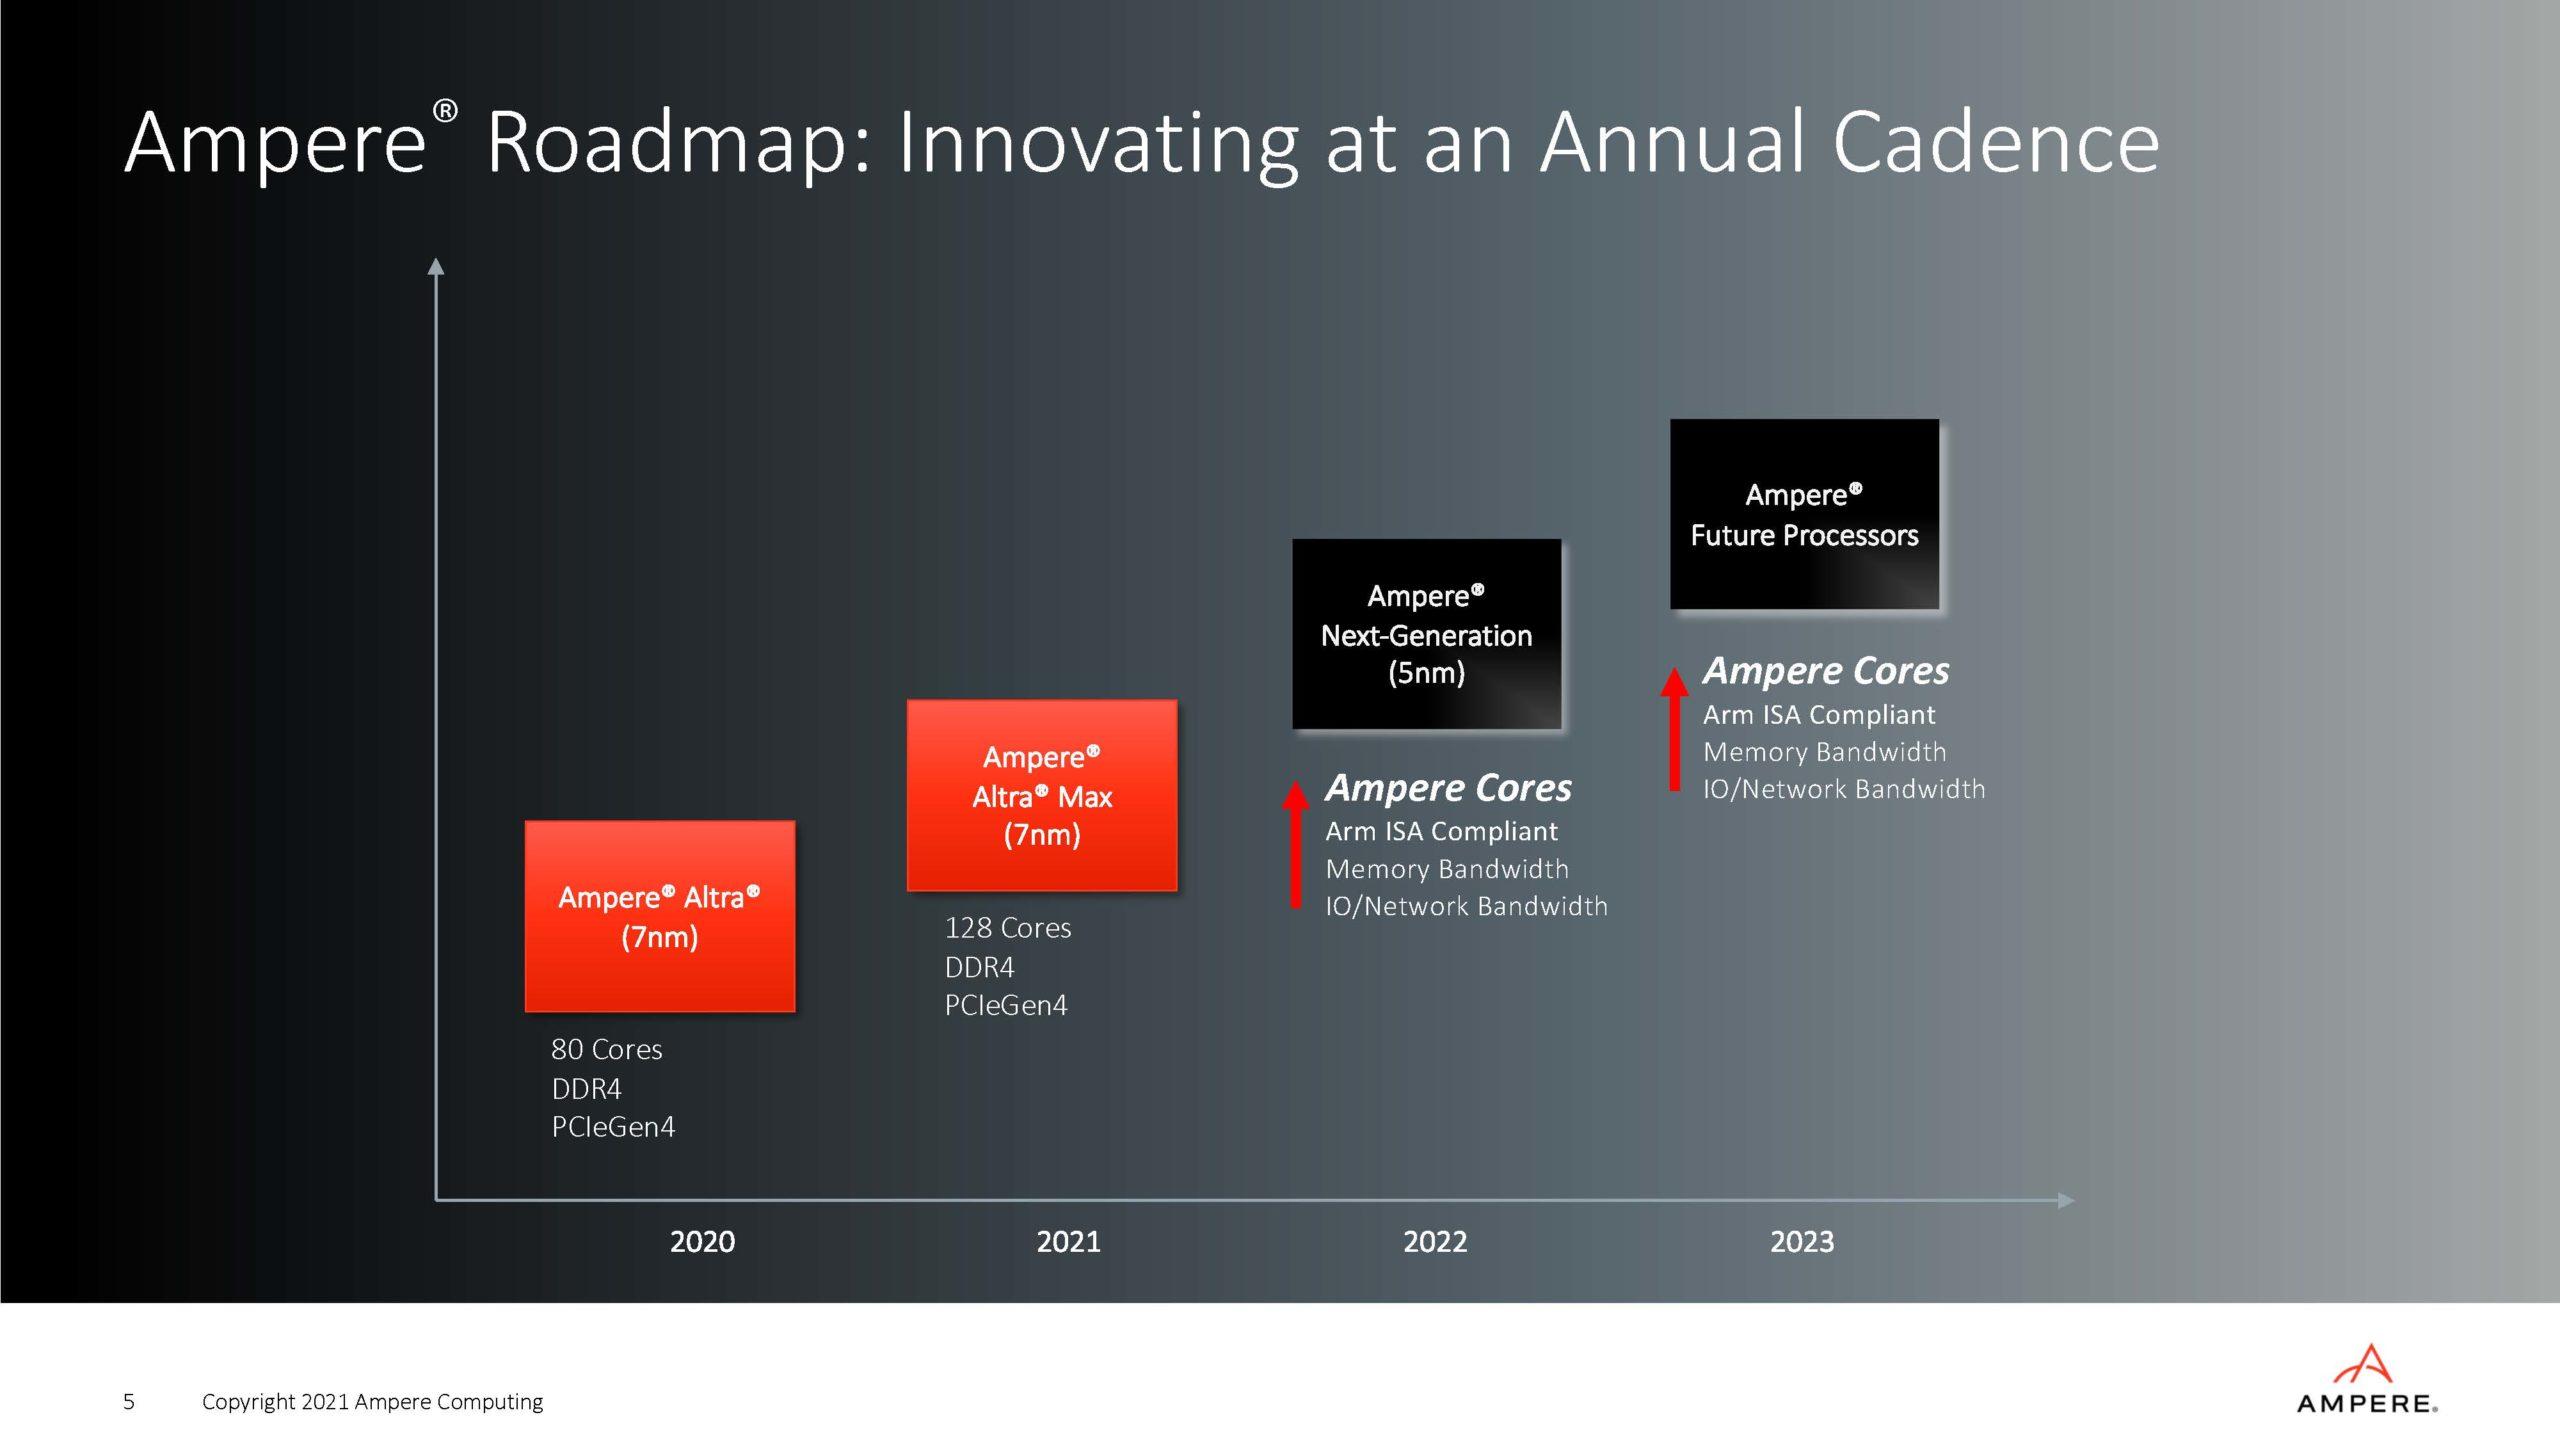 Ampere Strategy Update Q2 2021 Roadmap